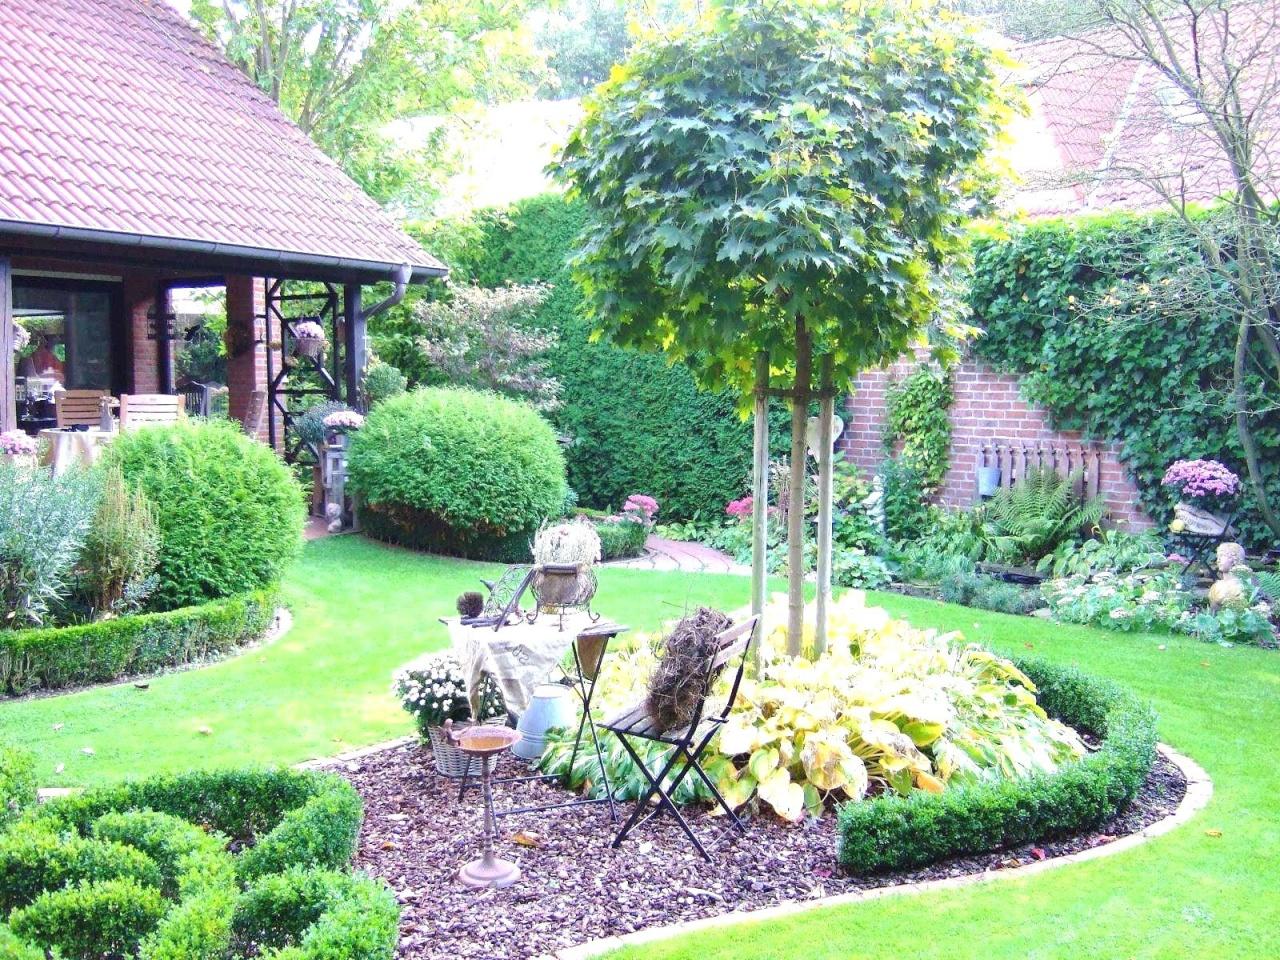 backyard fence line landscaping ideas vorgarten gestalten modern 40 architektur from backyard fence line landscaping ideas